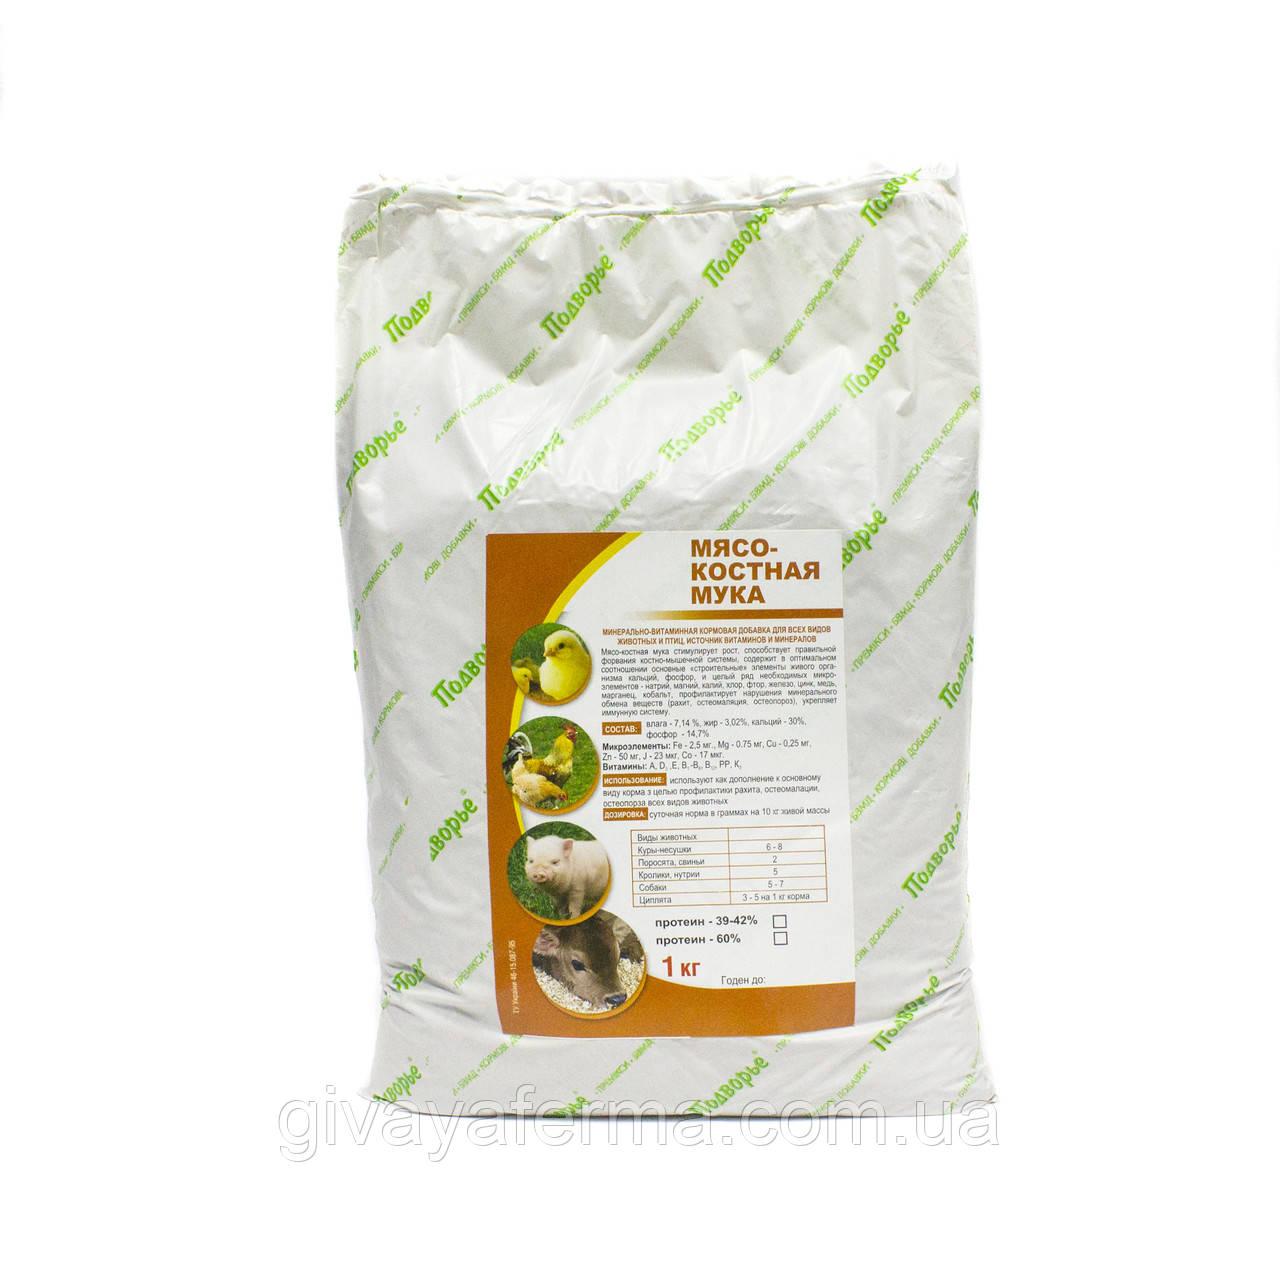 Мука мясокостная 1 кг, протеин 38-40%, протеиновая минеральная кормовая добавка